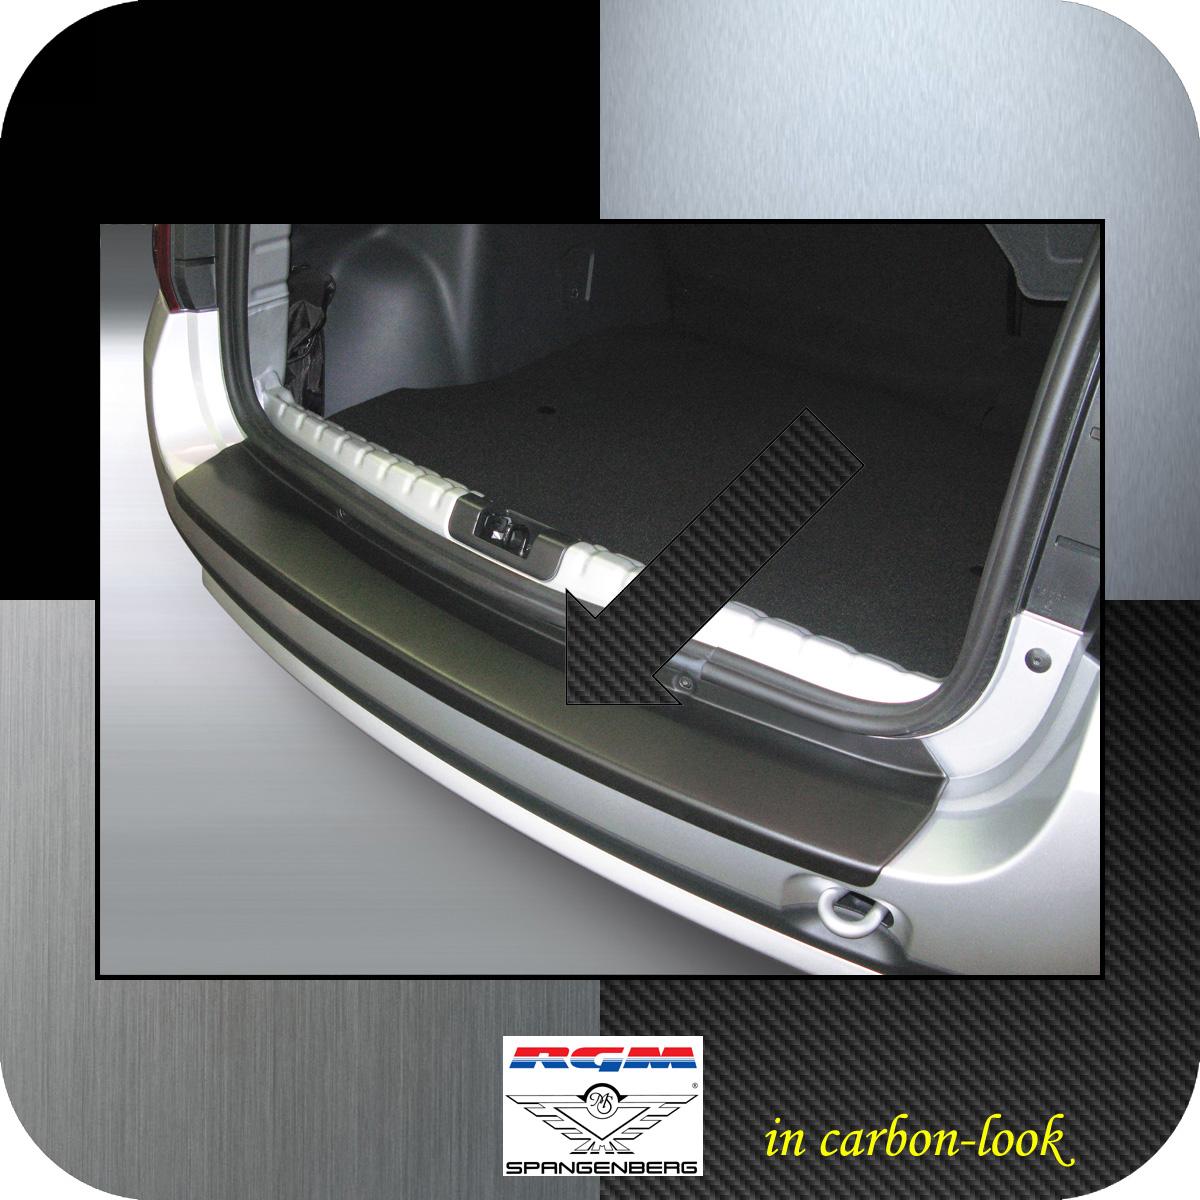 Ladekantenschutz Carbon-Look Dacia Duster I SUV 1 Gen 5-Türer 2010-18 3509544